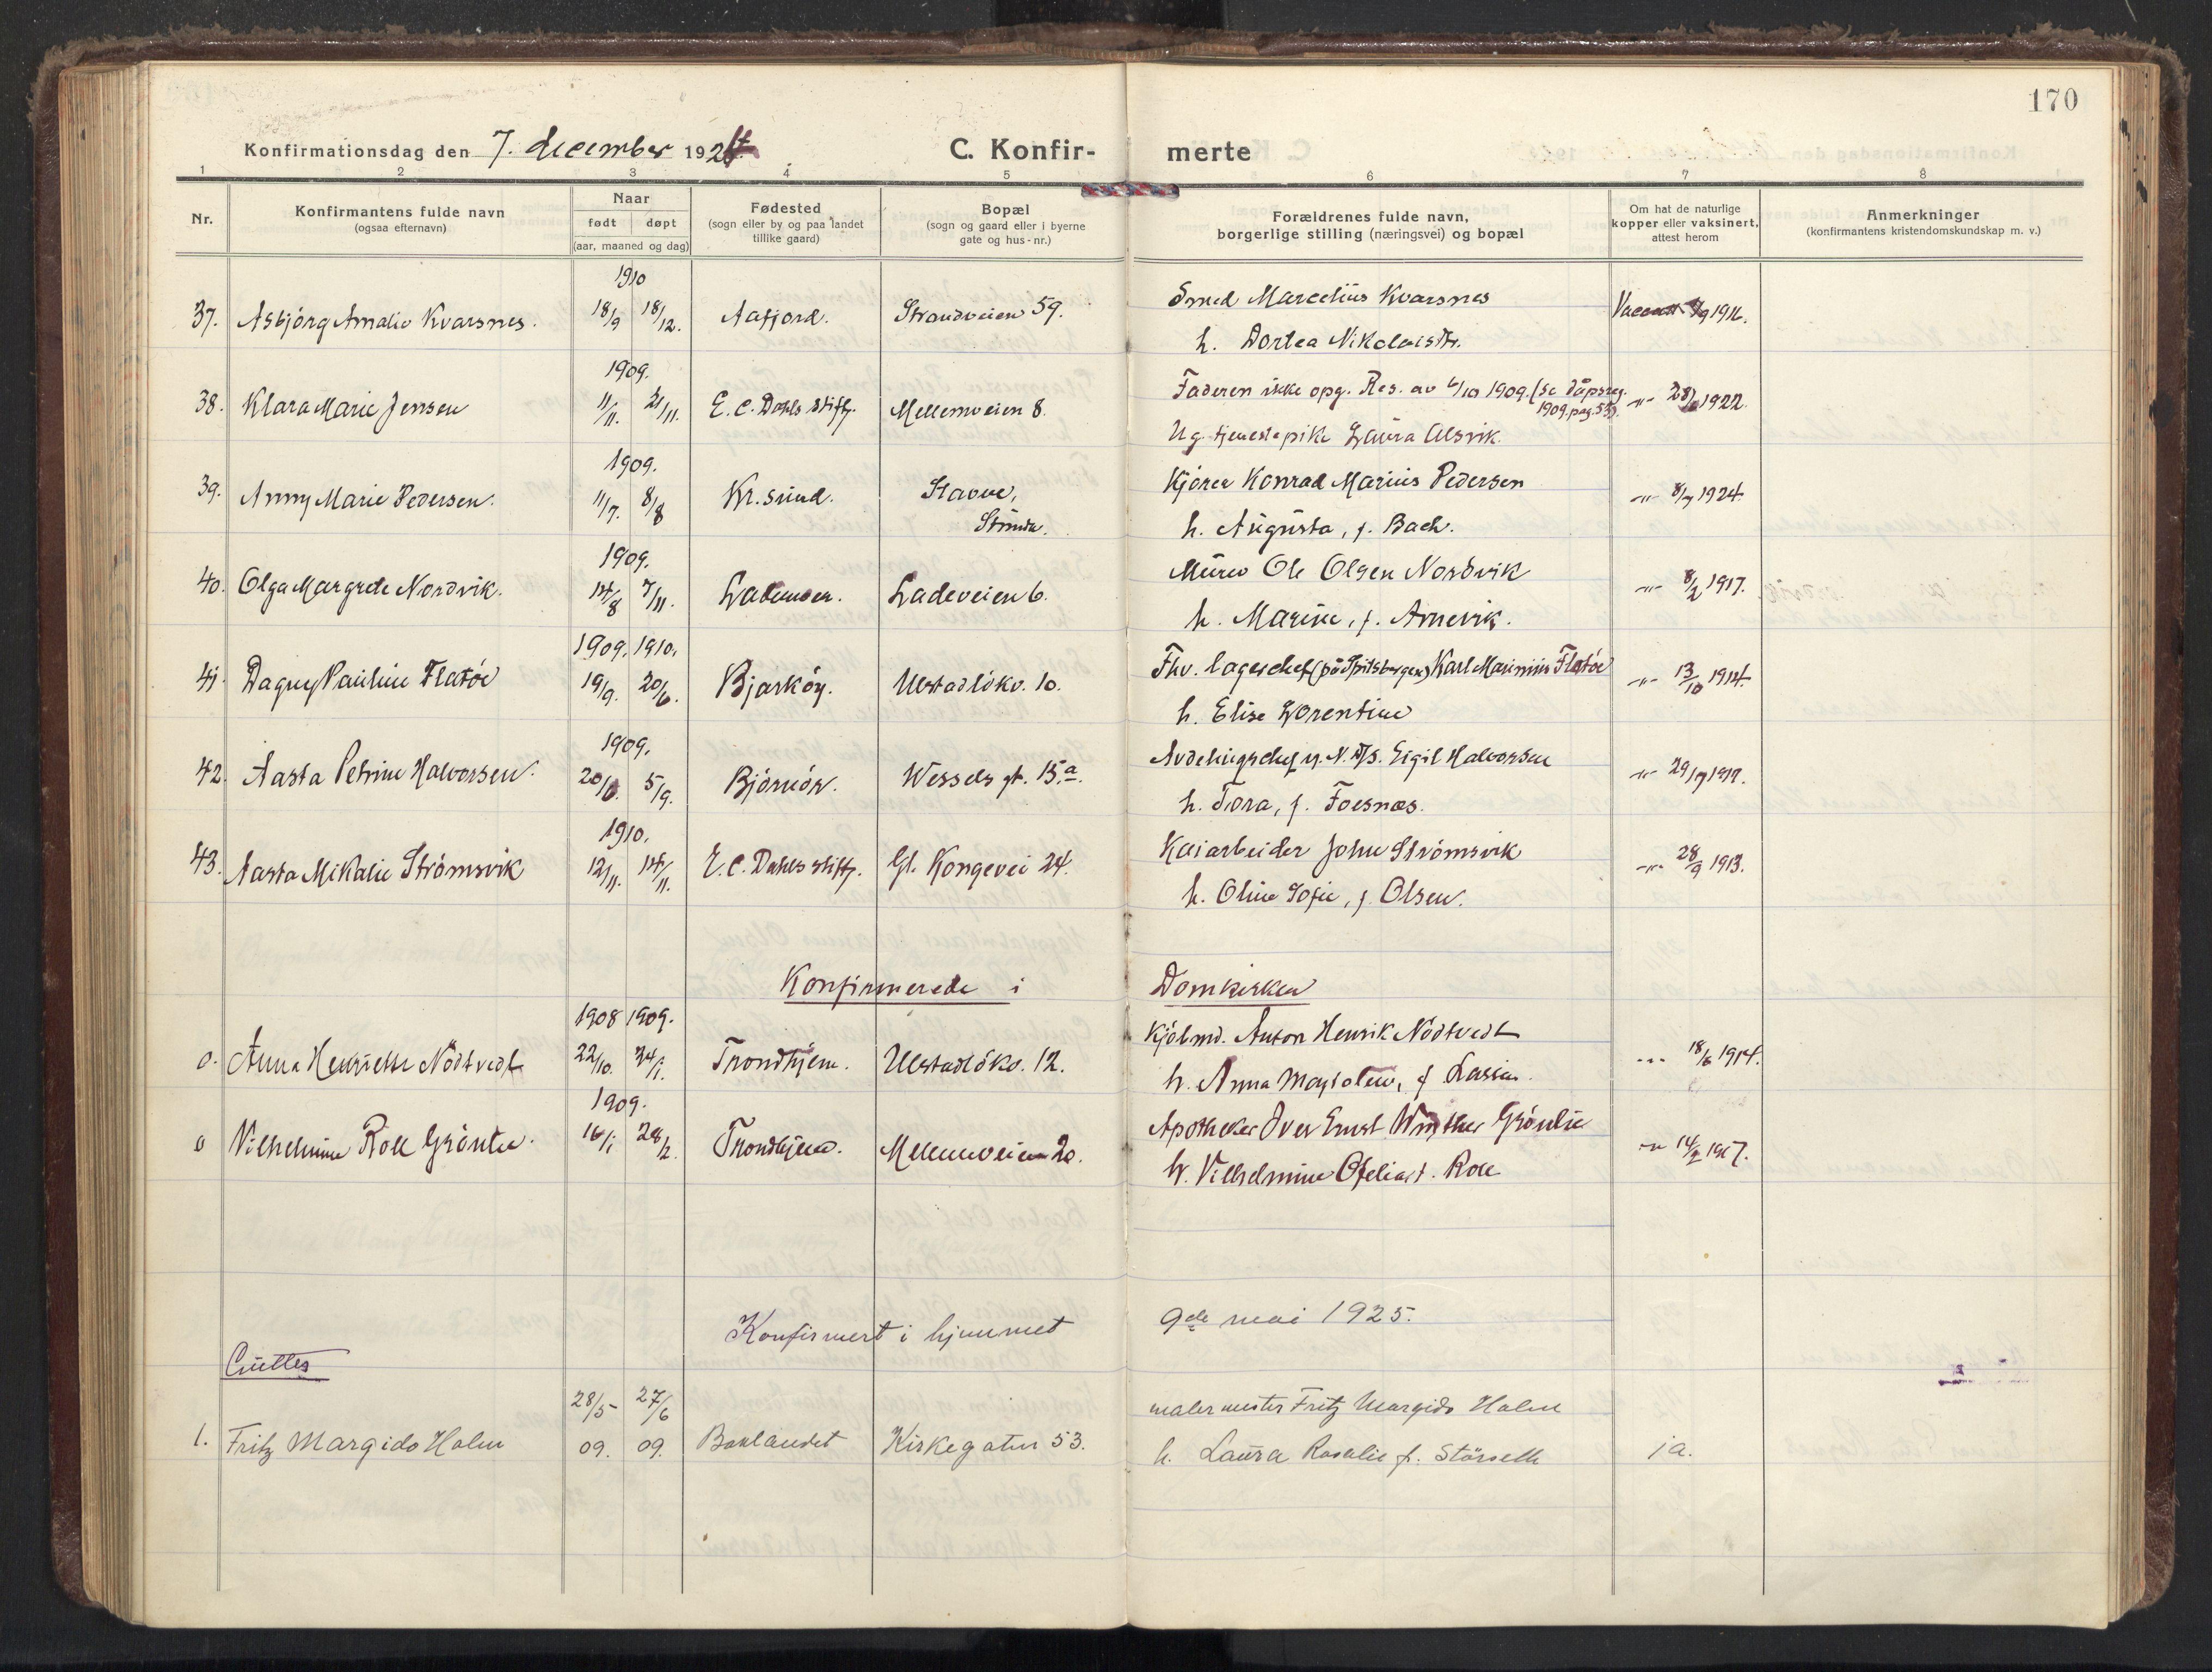 SAT, Ministerialprotokoller, klokkerbøker og fødselsregistre - Sør-Trøndelag, 605/L0247: Ministerialbok nr. 605A09, 1918-1930, s. 170